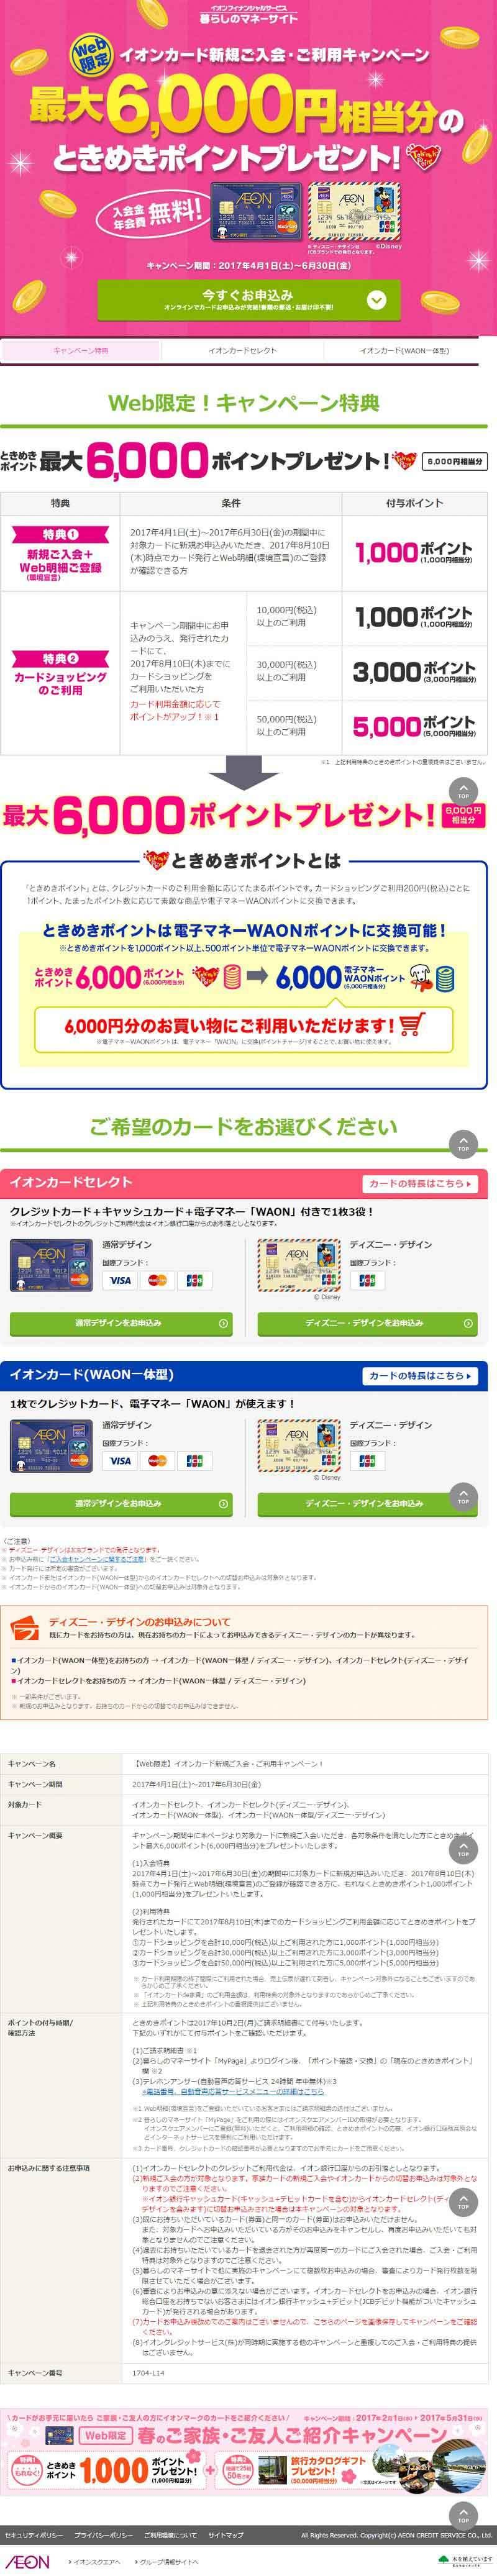 2017年4月1日(土)~2017年6月30日(金)までの新規入会申込みキャンペーンページのキャプチャー画像